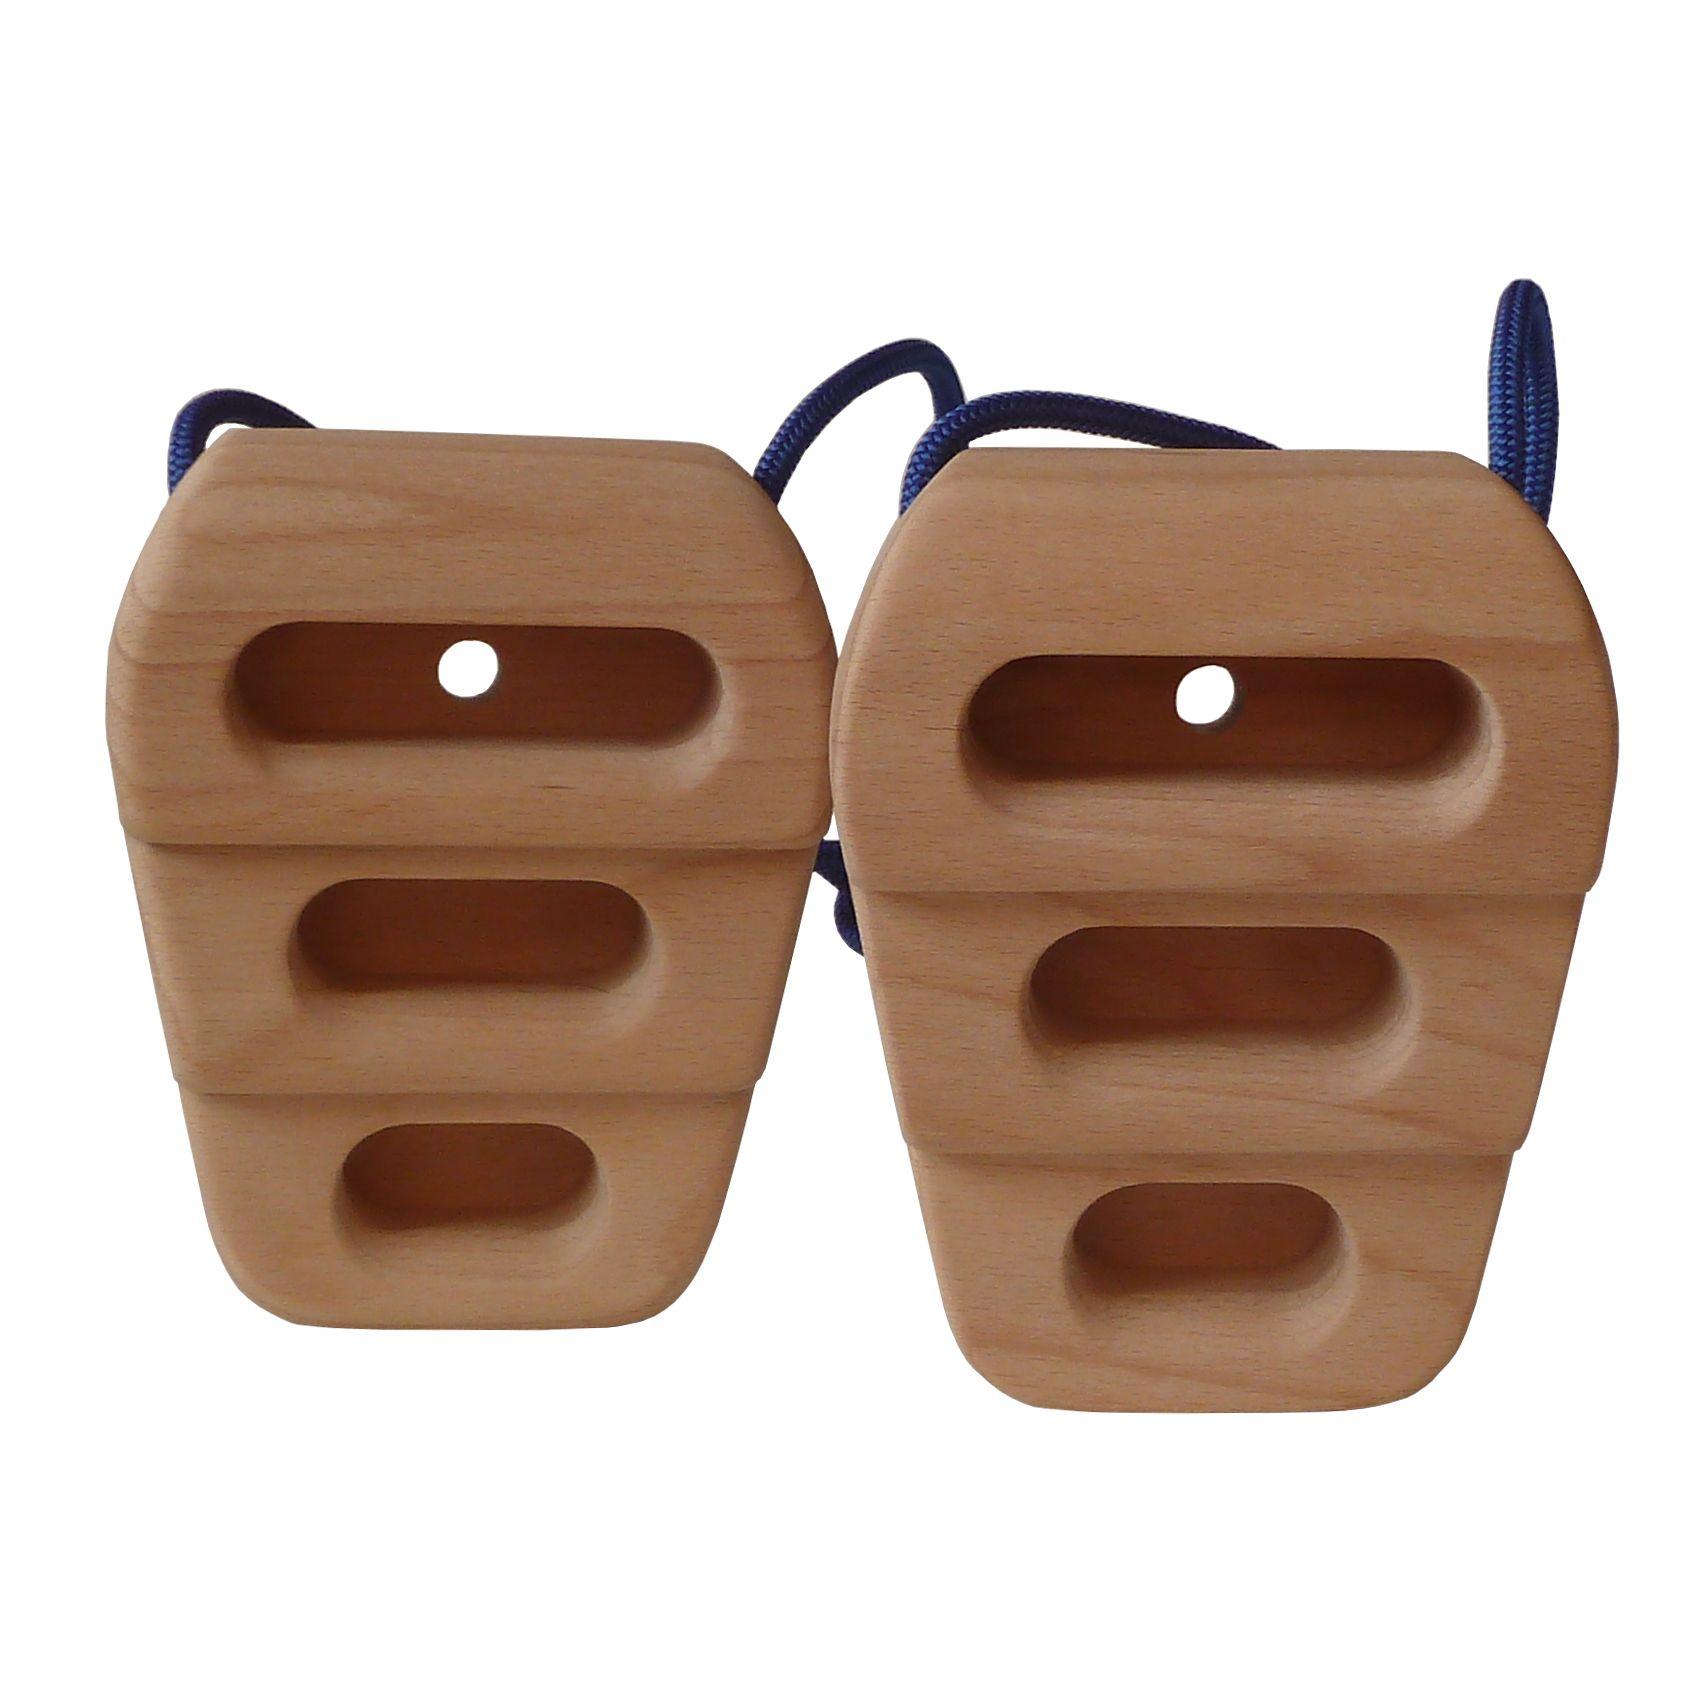 Cliffhanger von target10a. Das Original zum Warmmachen am Fels oder für den Urlaub. Klettertraining an portablen Holzgriffen.